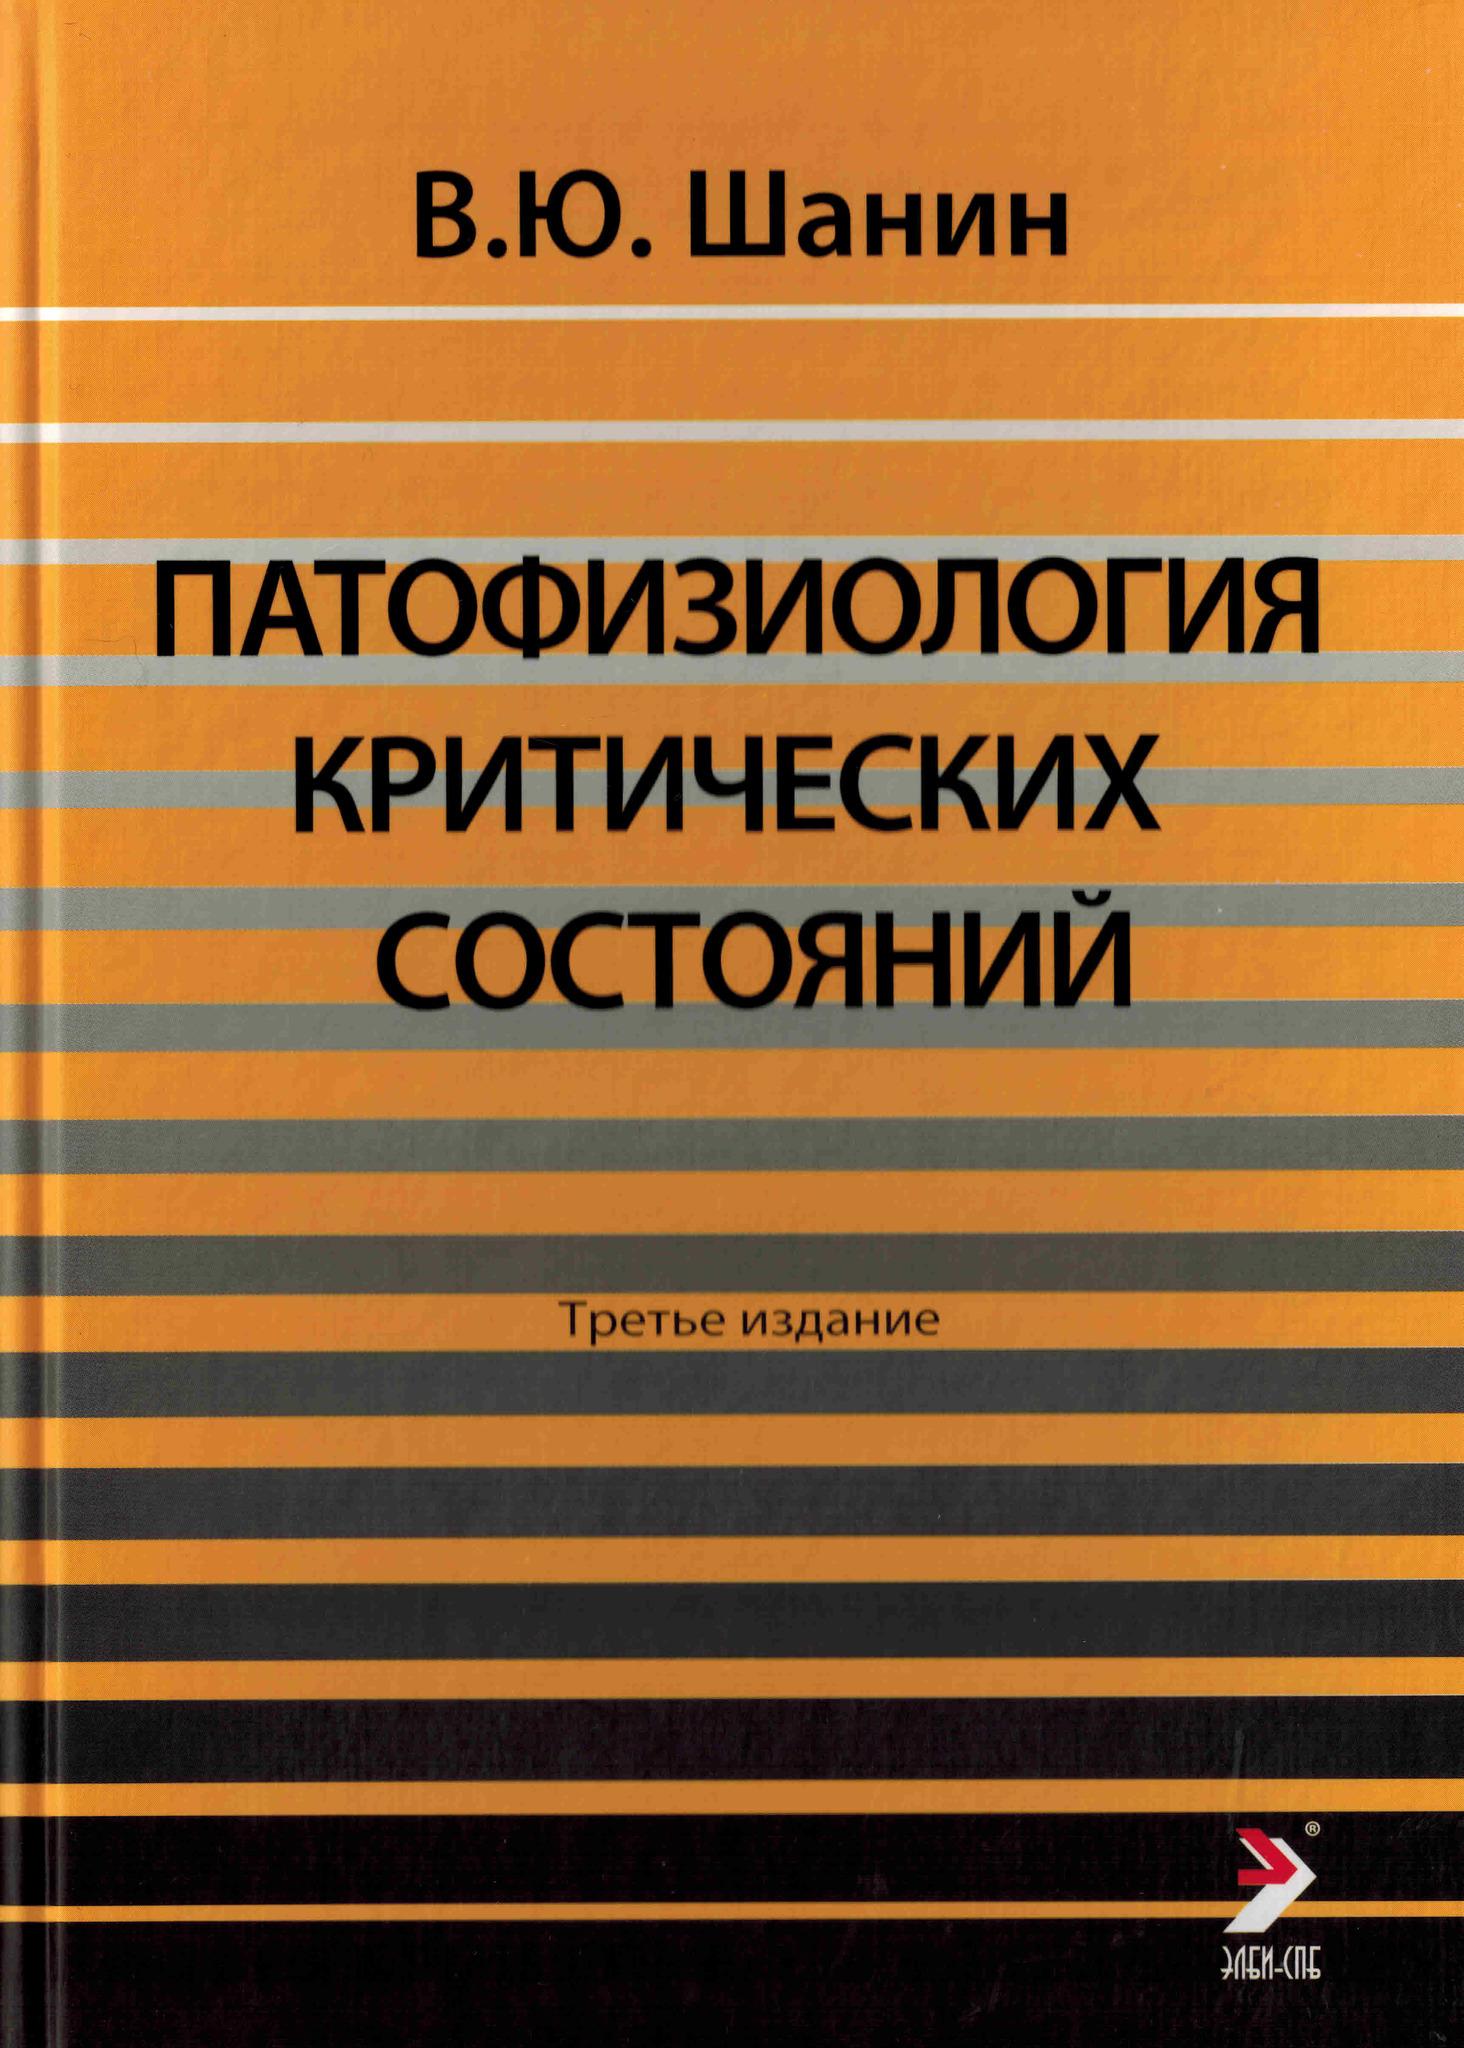 Новинки Патофизиология критических состояний patofiziologia_krit_sost.jpg